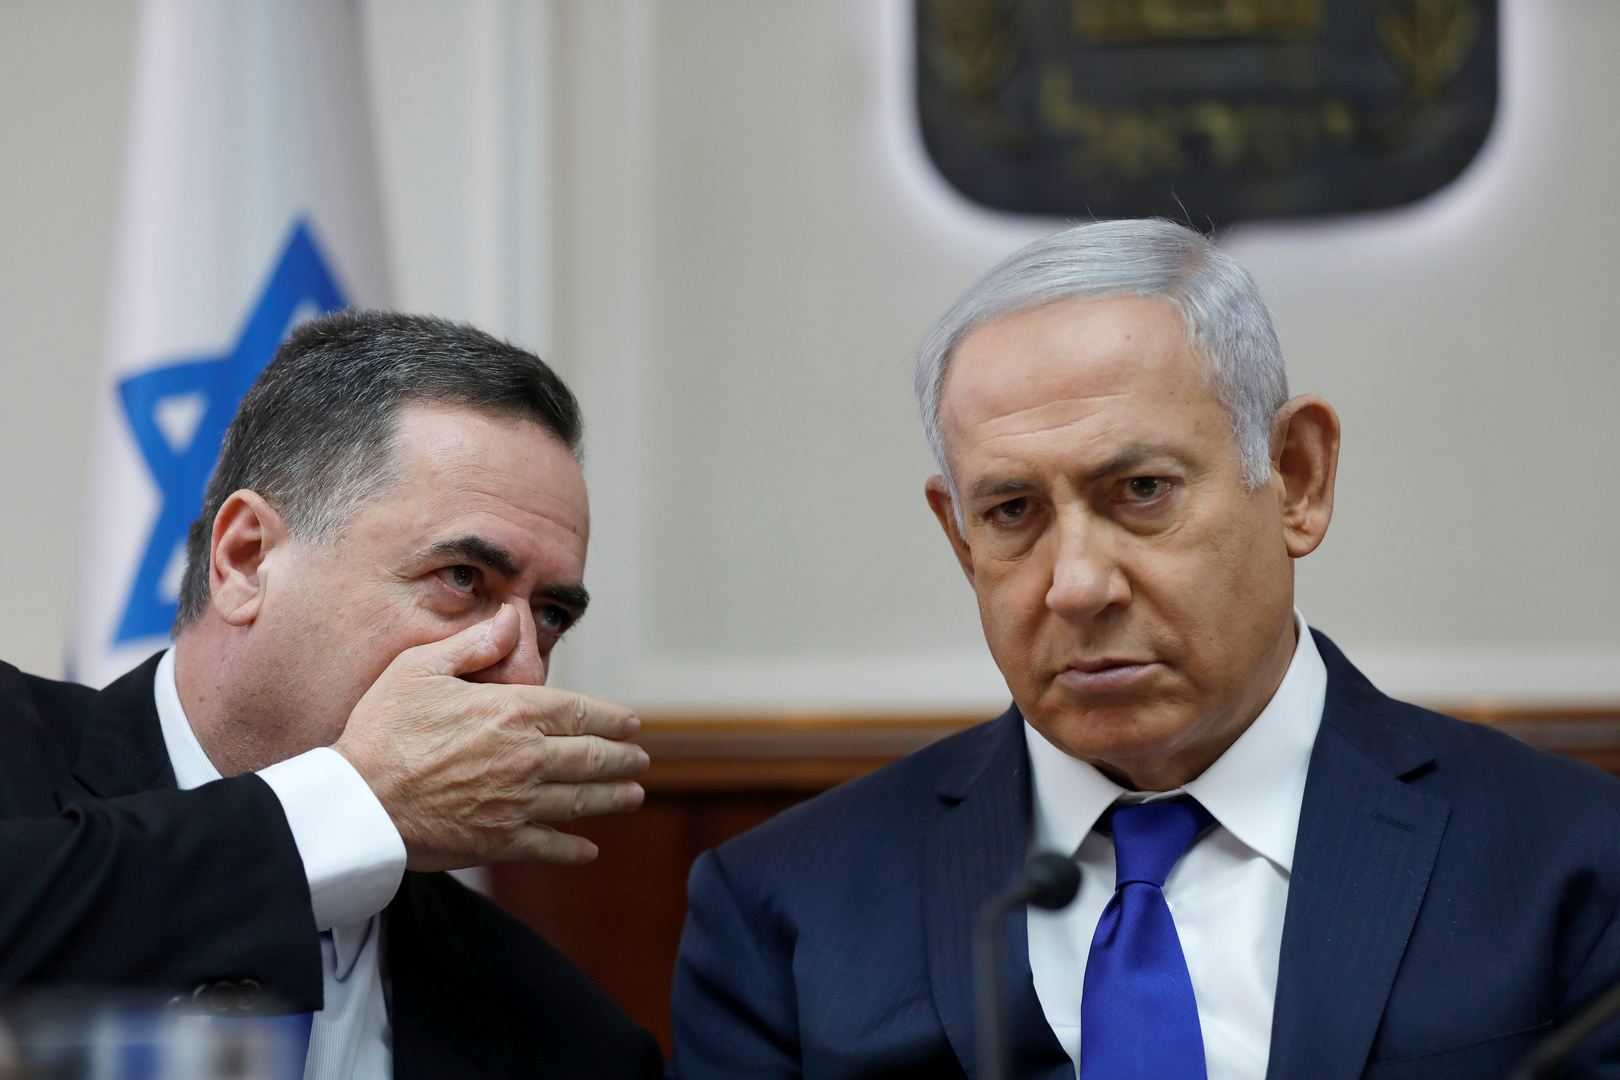 رئيس الوزراء الإسرائيلي، بنيامين نتنياهو، ووزير الخارجية والاستخبارات لإسرائيل، يسرائيل كاتس